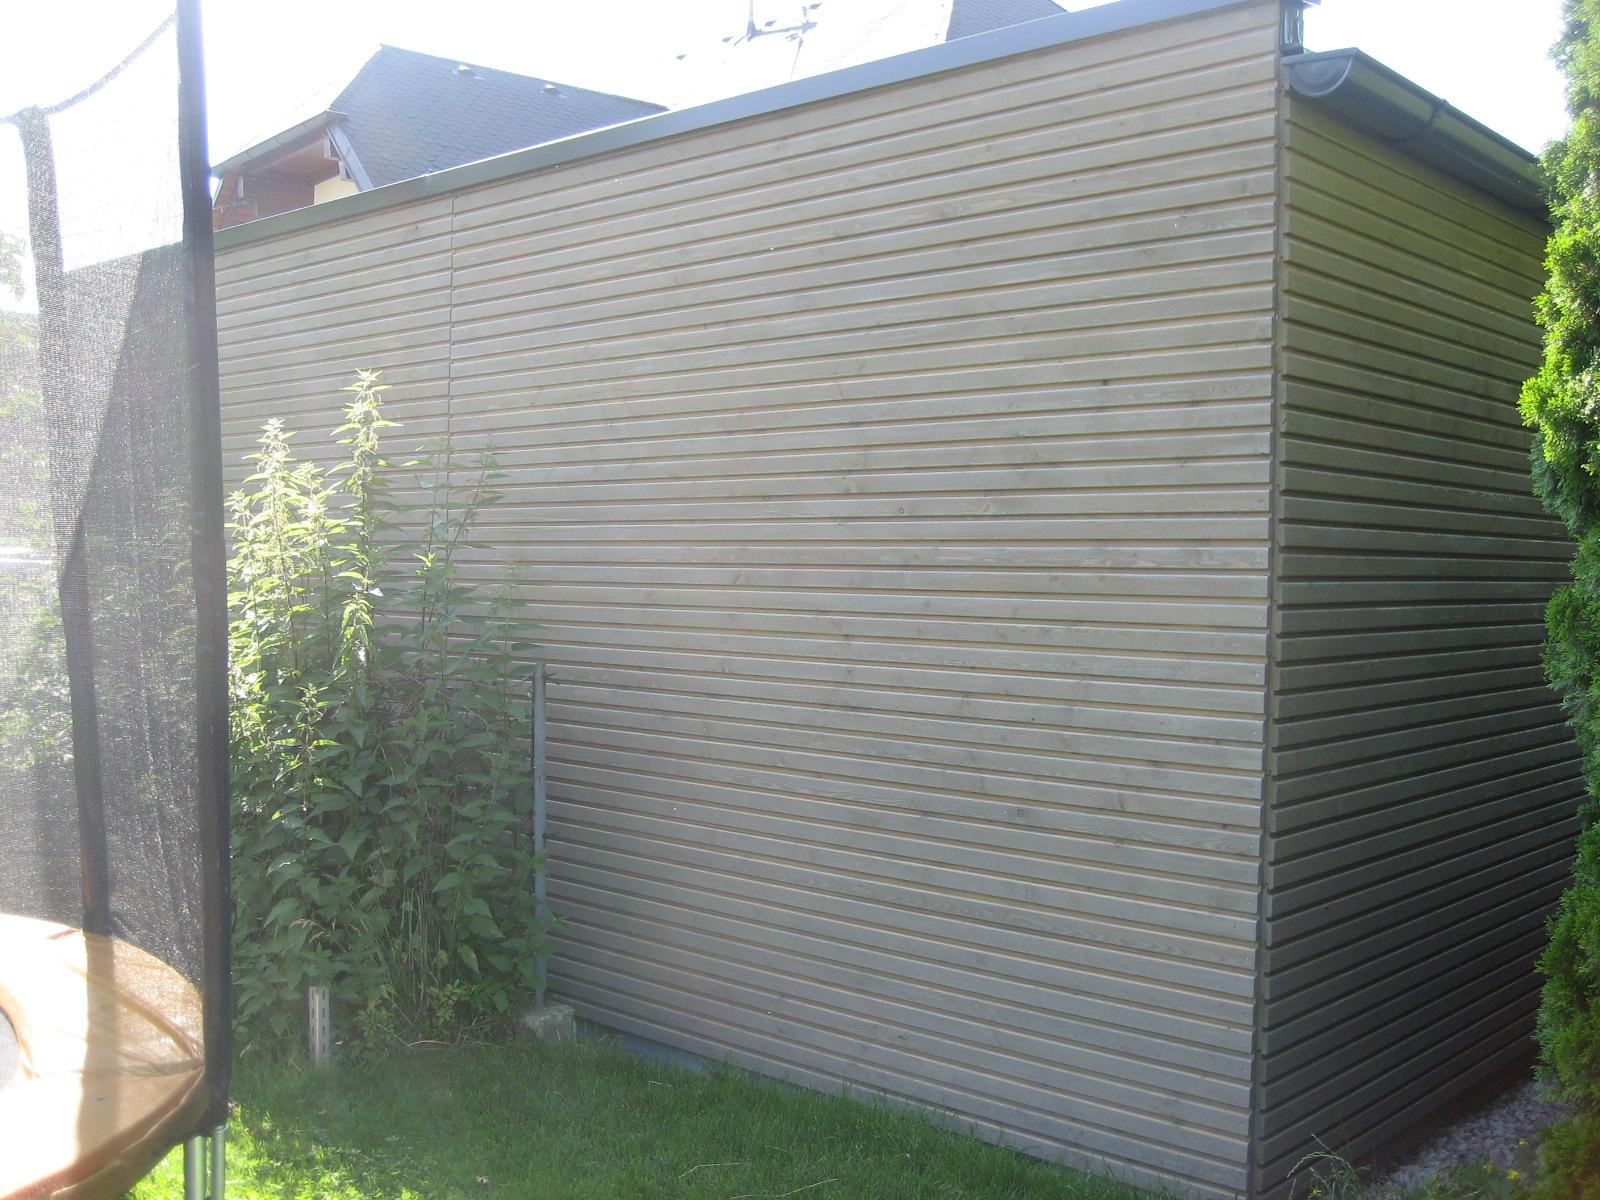 Garagenfassade mit Rhombusschalung